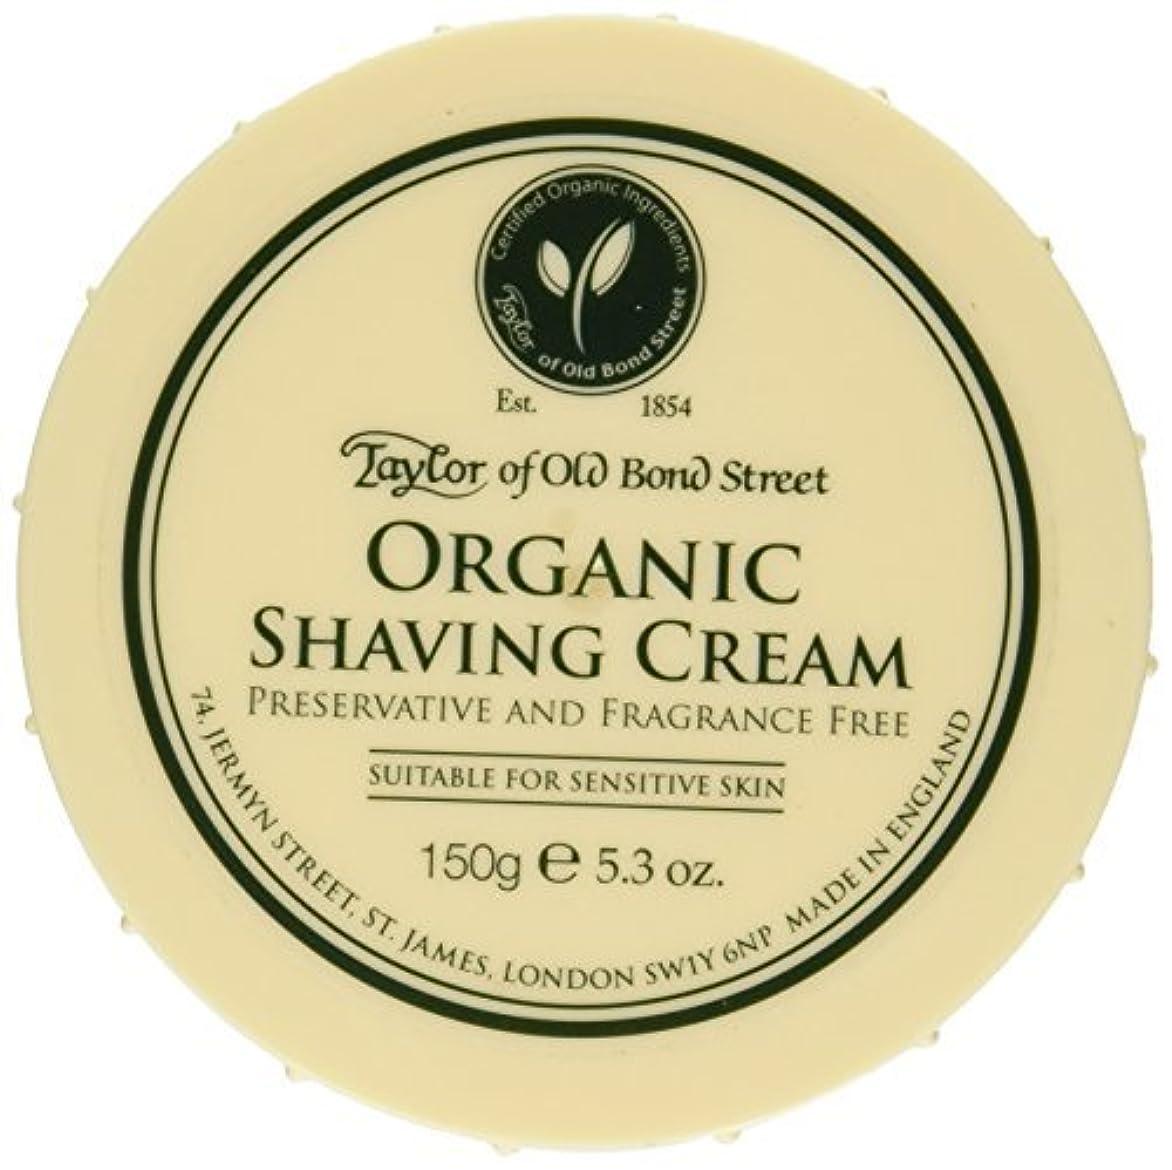 将来の権利を与えるセンチメンタルTaylor of Old Bond Street Organic Shaving Cream Bowl 150 g by Taylor of Old Bond Street [並行輸入品]